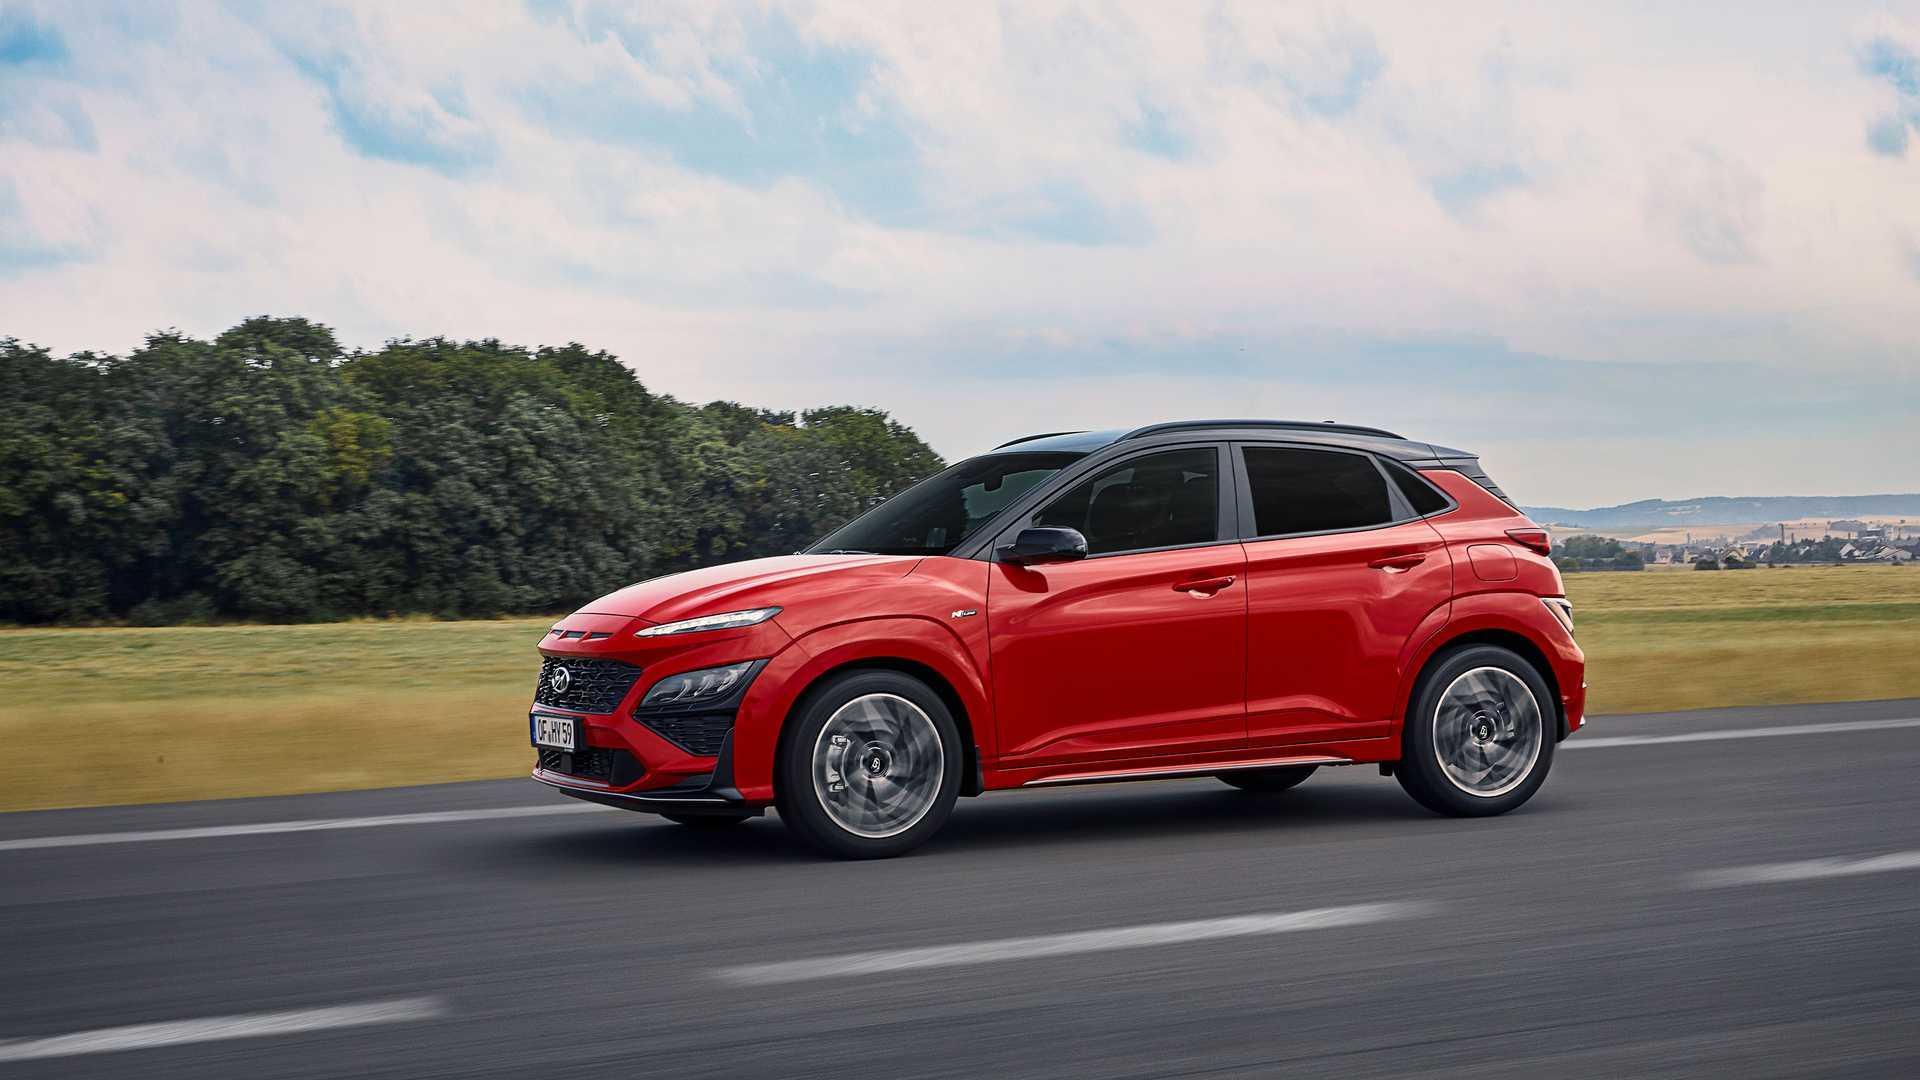 Tilbakekaller Hyundai Kona på grunn av brannfare